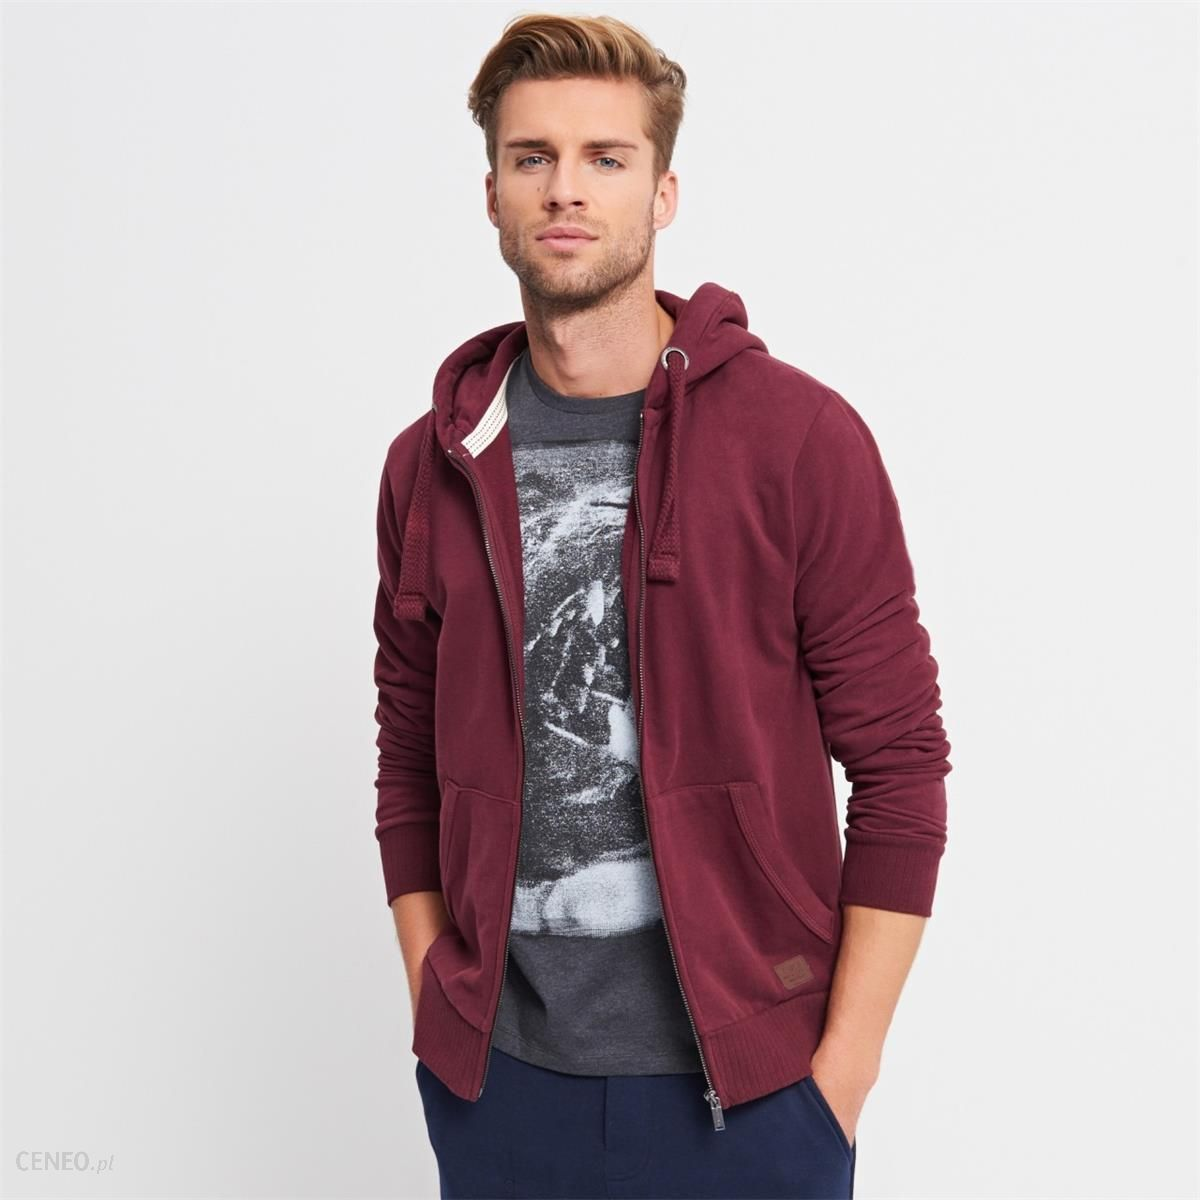 bluza z kapturem męska rozpinana reserved